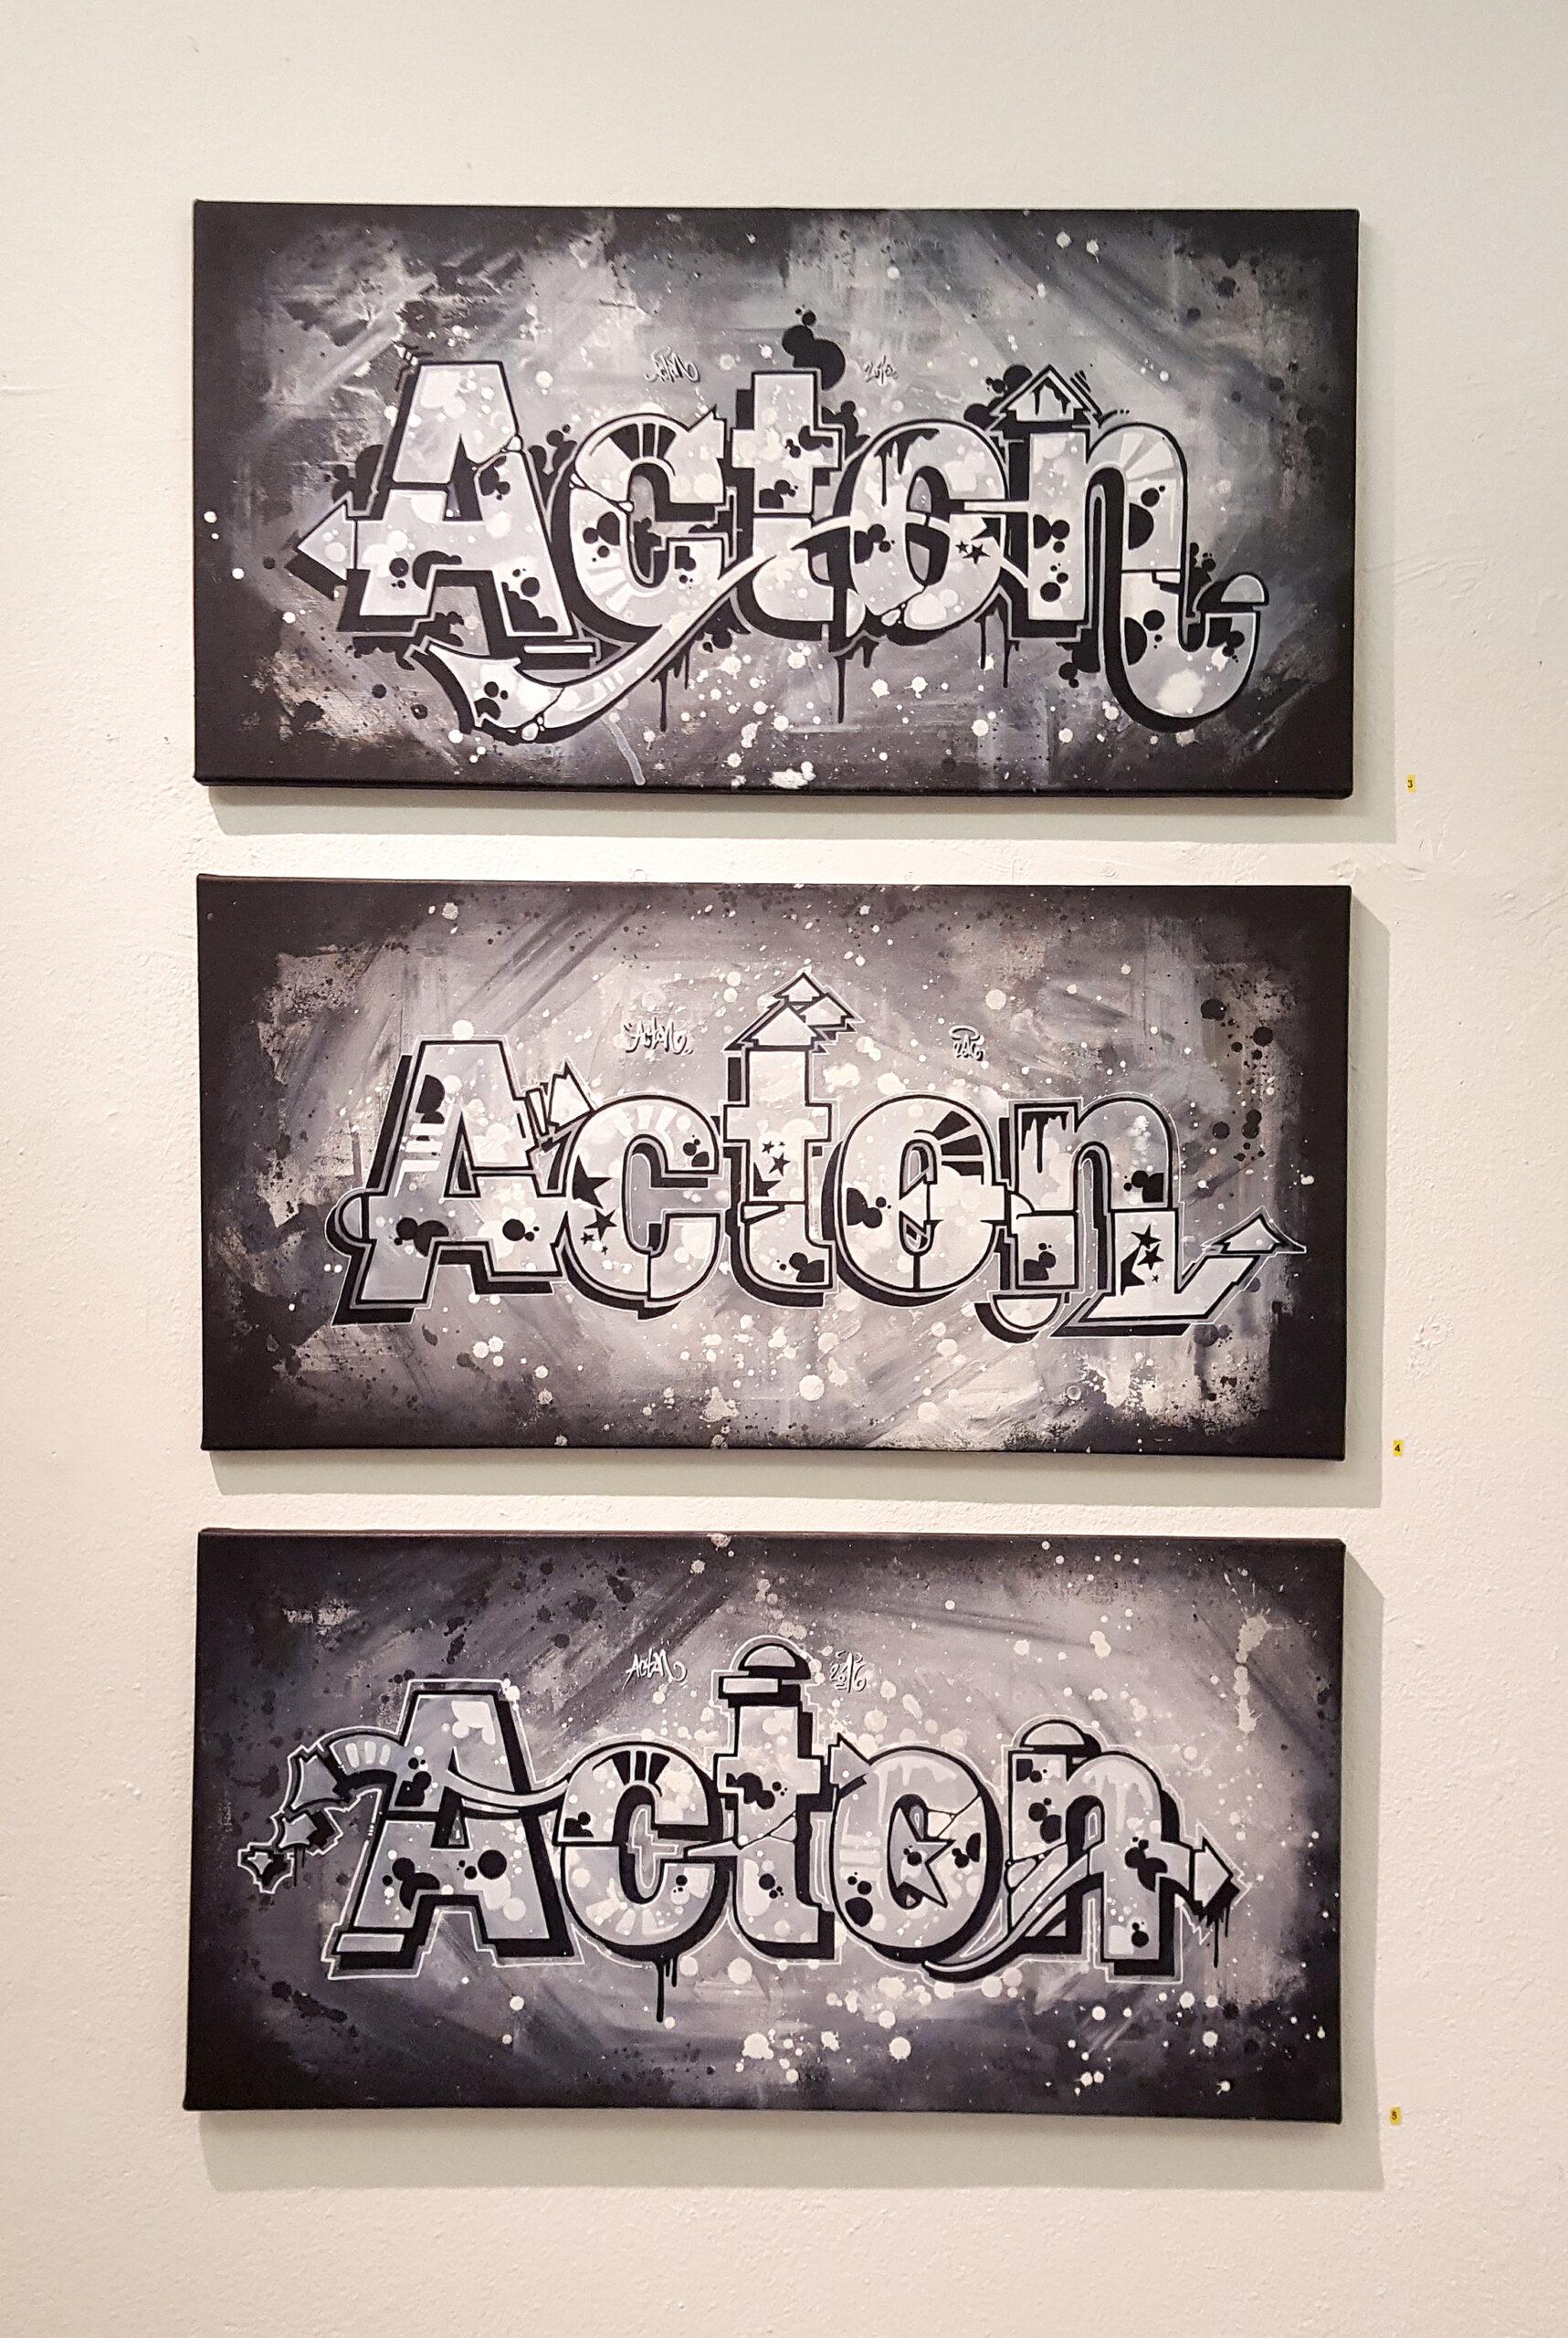 Graffiteissa toistuvasti jatketaan kirjaimia erilaisin lisäkkein ja ulokkein. Oheisissa Acton/Helvetica-teoksissa nämä eri ulokkeet erottuvat selvästi Helvetika-kirjaimista. Näille ulokkeille on annettu nimiä ja Anssi Arte on tutkinut niiden olemusta sekä kehitystä Taideteolliseen korkeakouluun tekemässään gradussa ja siitä muokatussa kirjassa Forms of Rockin'. Arte luettelee swirlit, sandwitchit, cut segmentit, splashit ja loopit.